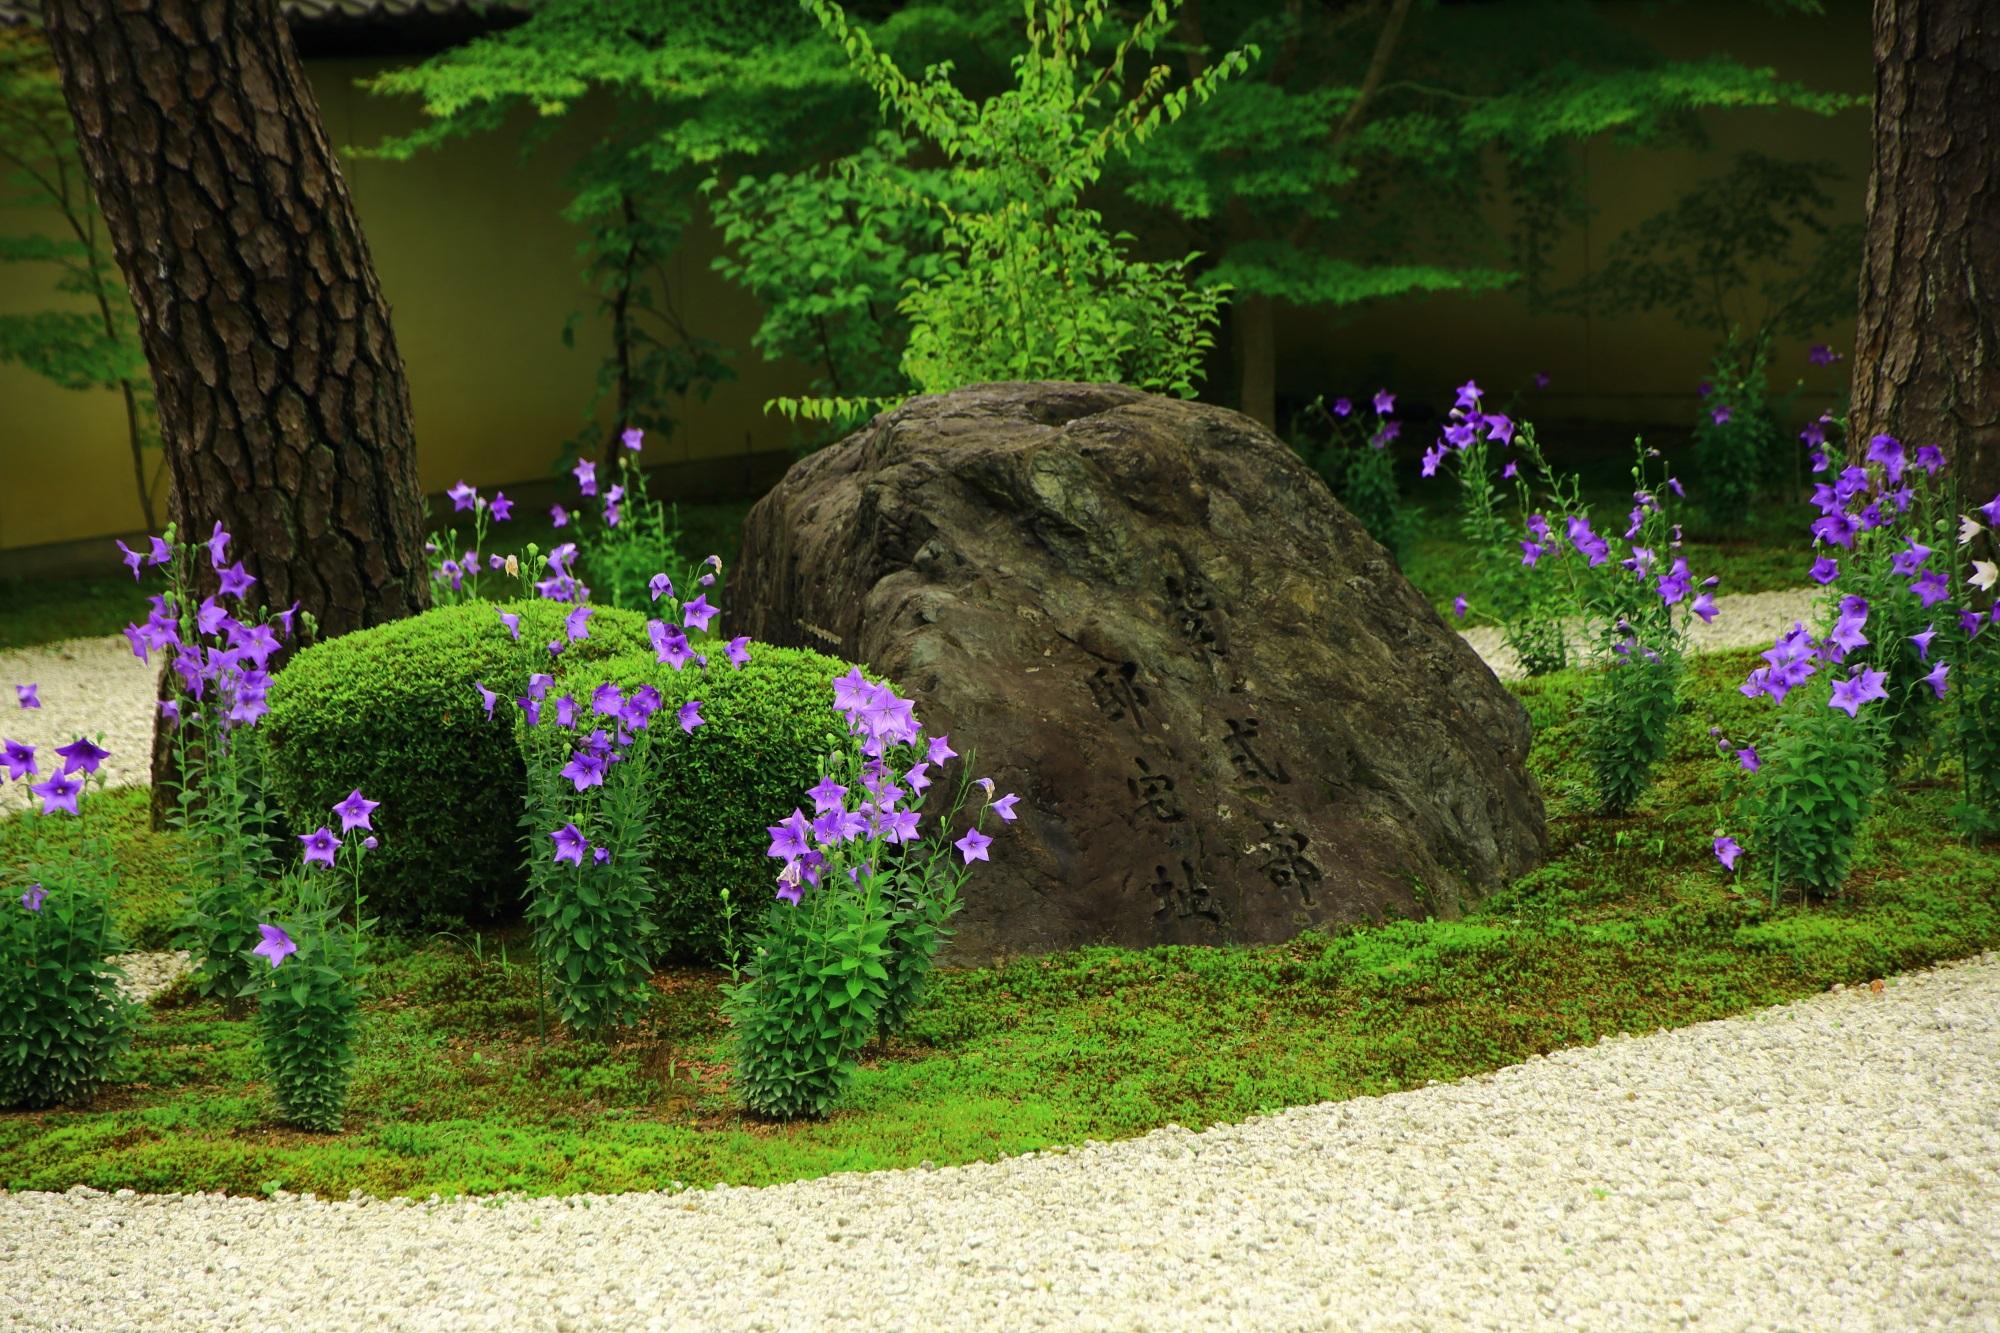 廬山寺の源氏庭の紫式部顕彰碑付近の華やかな桔梗